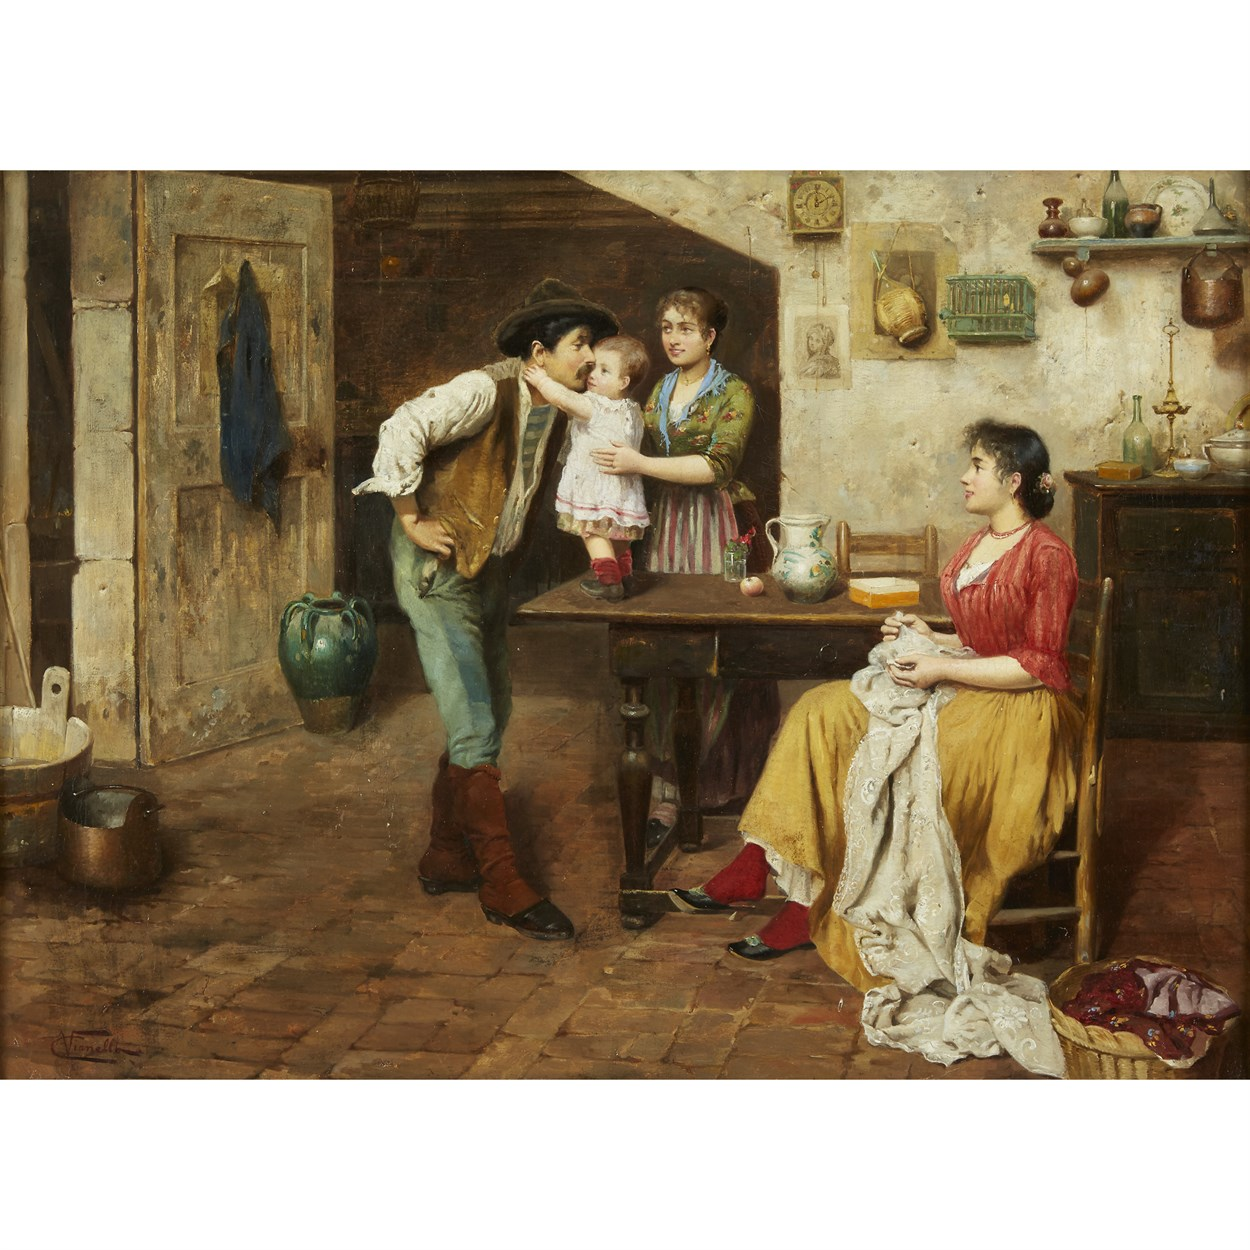 Lot 138 - CESARE VIANELLO  (ITALIAN 1862-C. 1920)